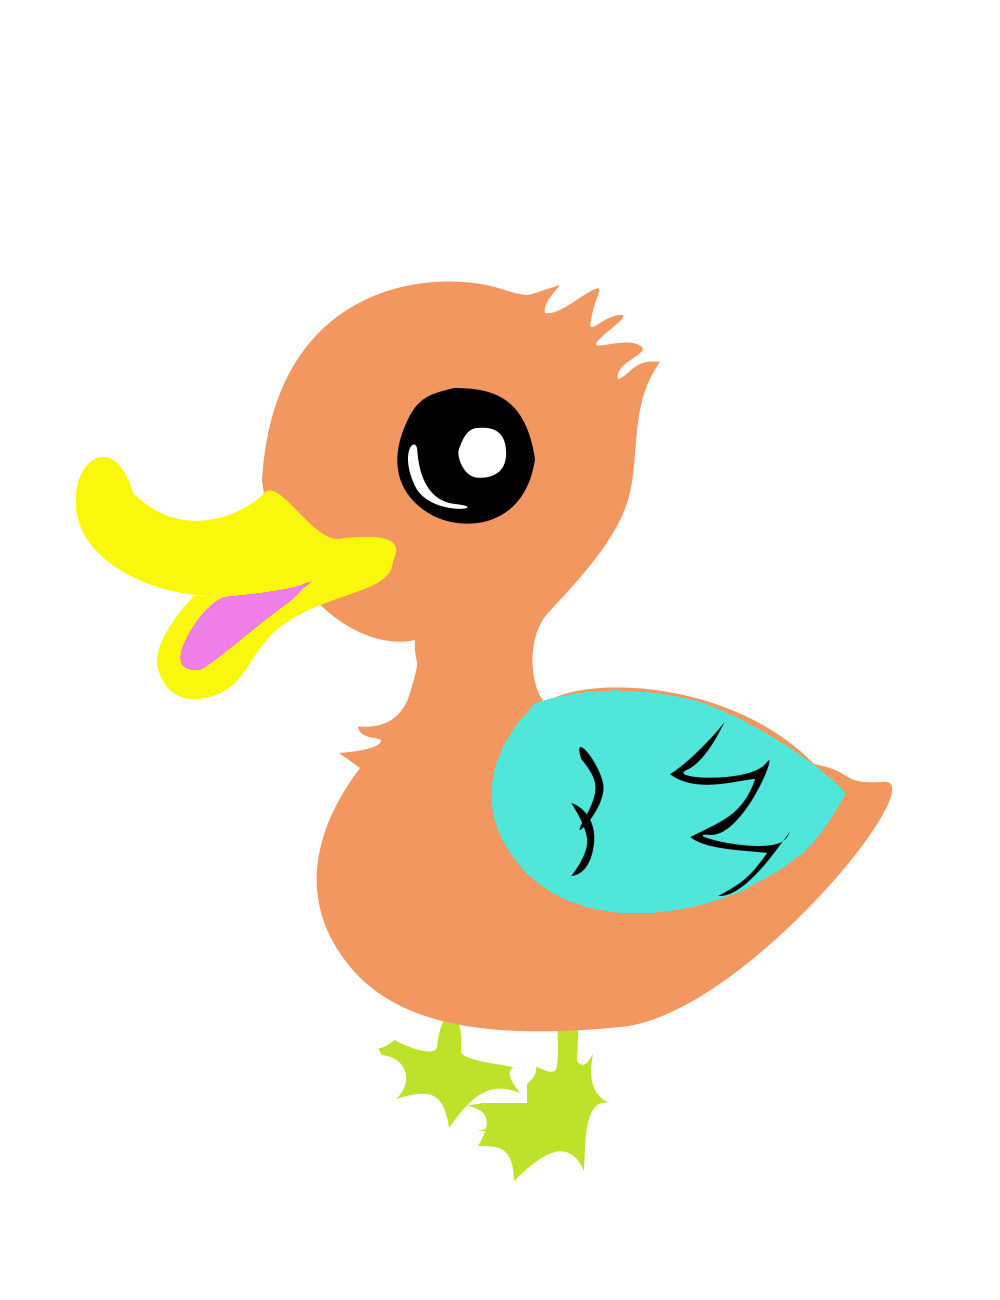 卡通鸭子图片